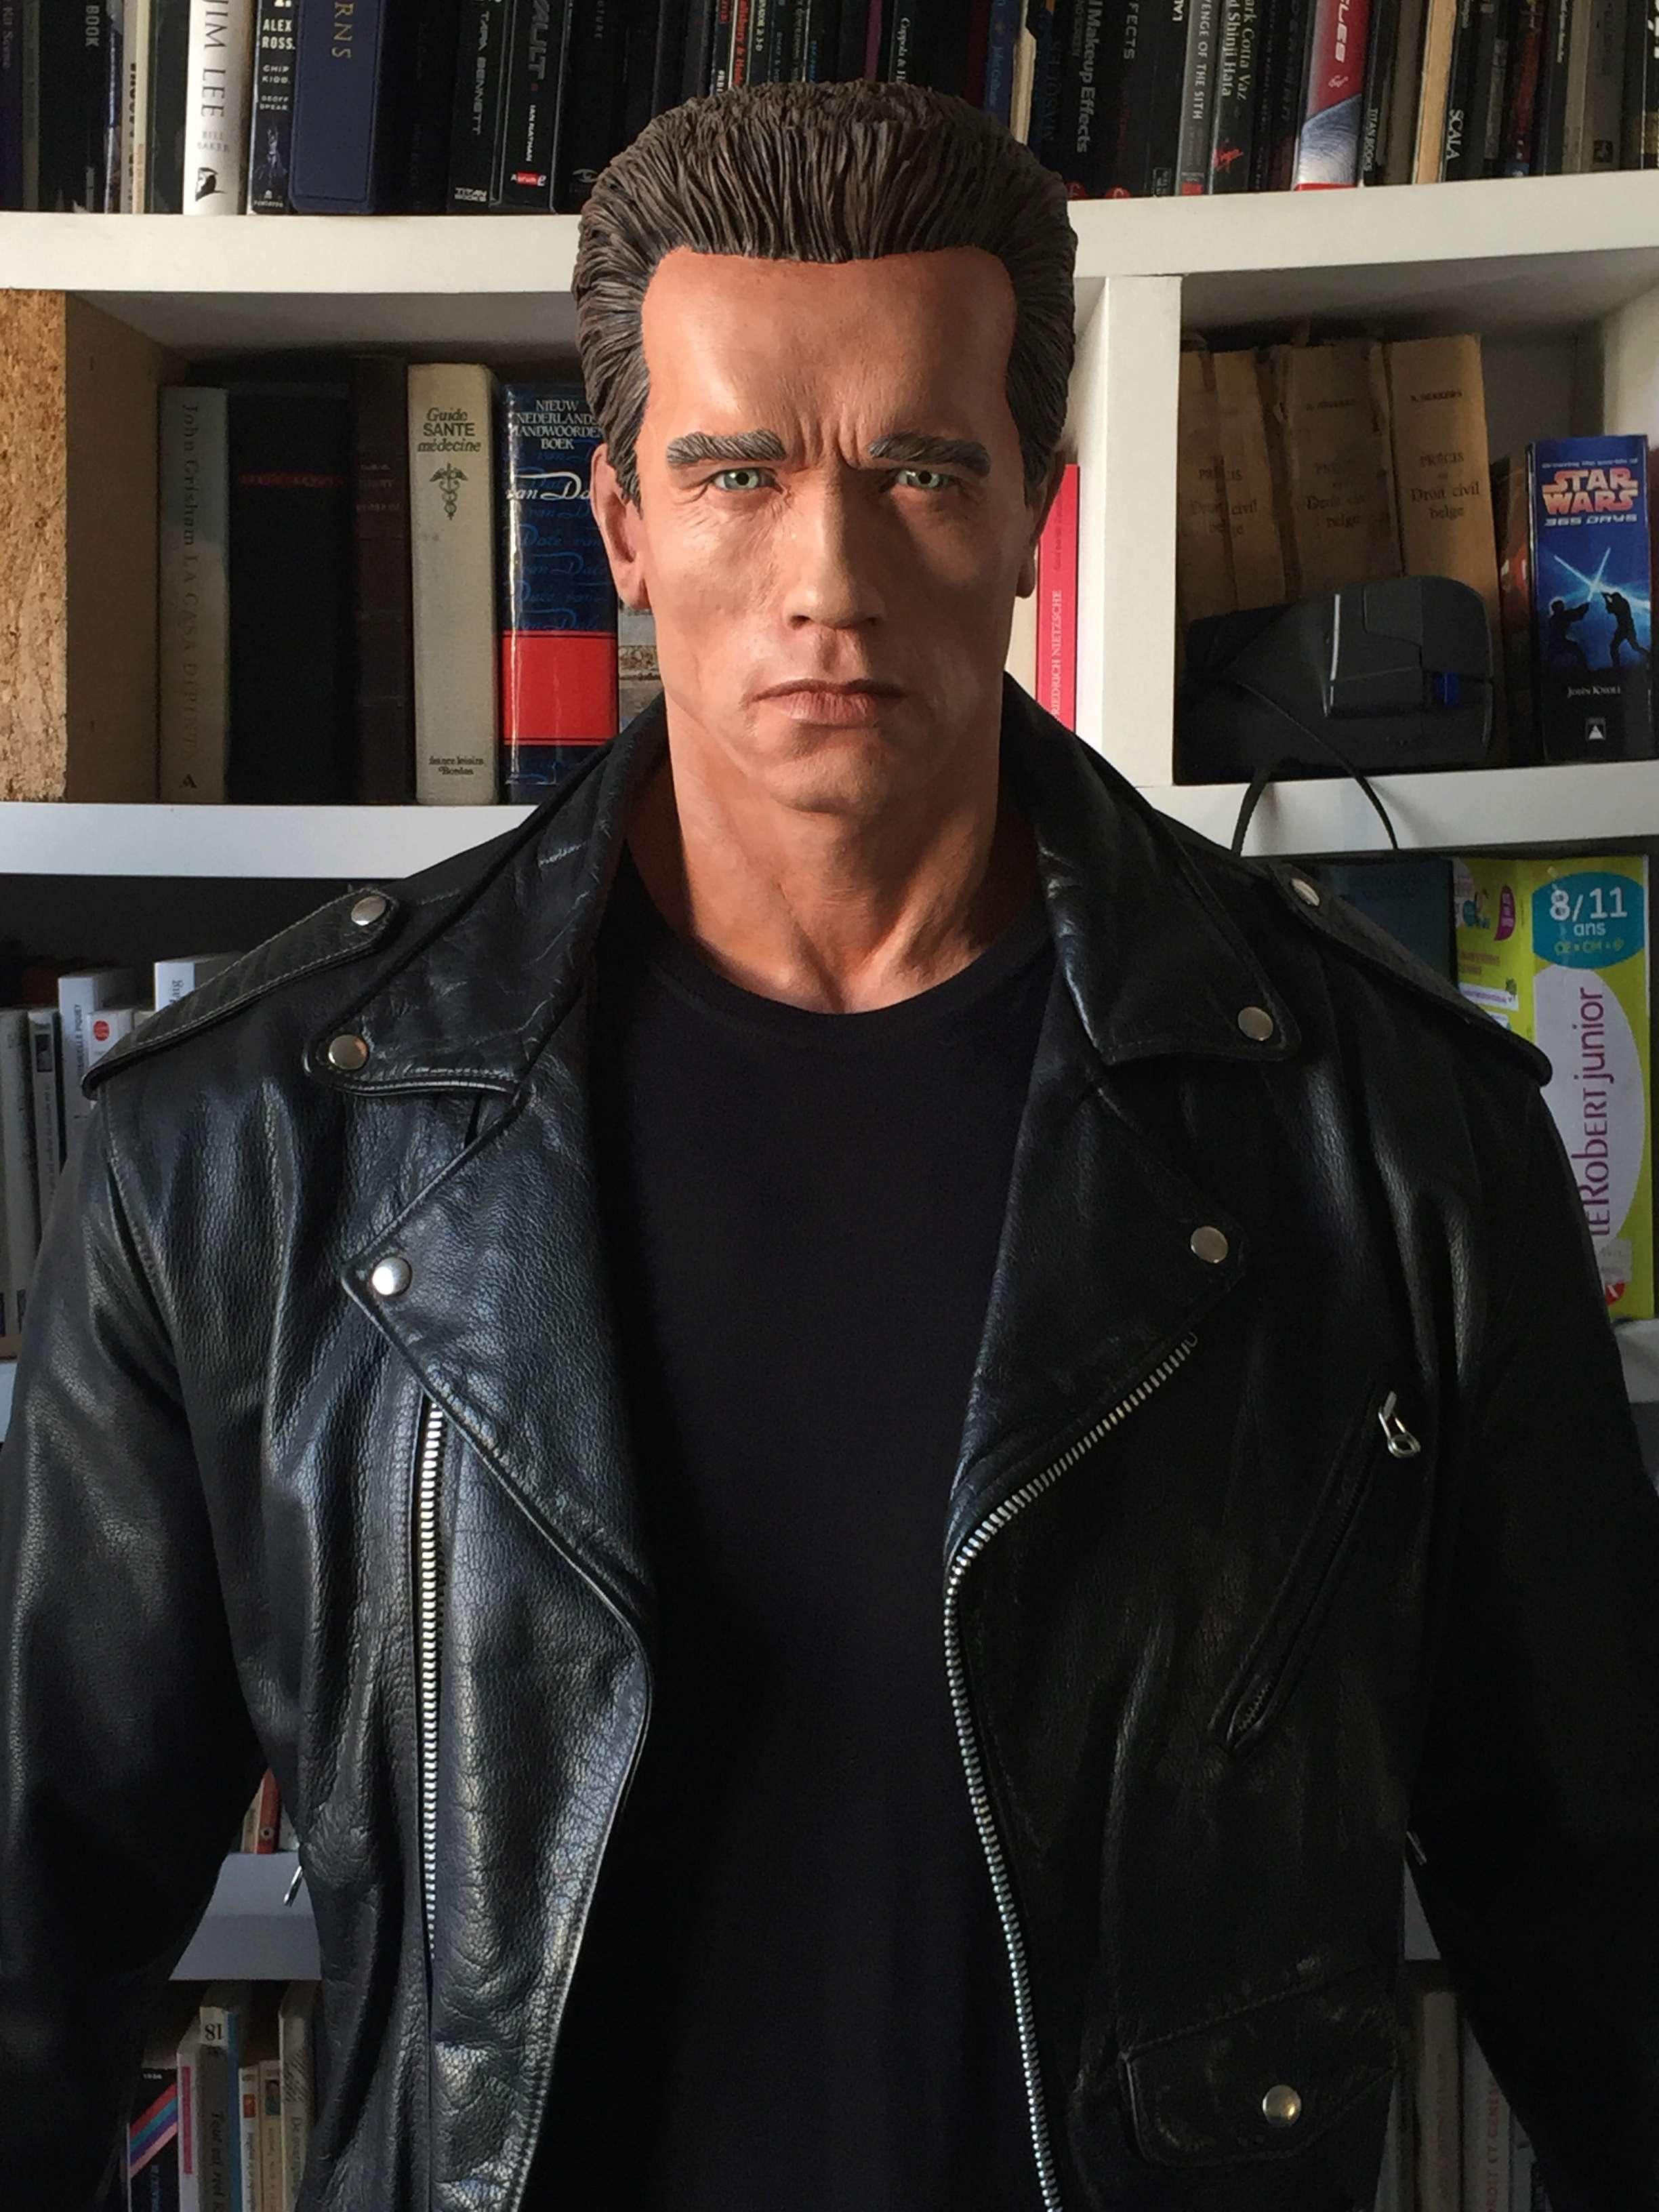 Bustes terminator Arnold Schwarzenegger fan made 2017_010